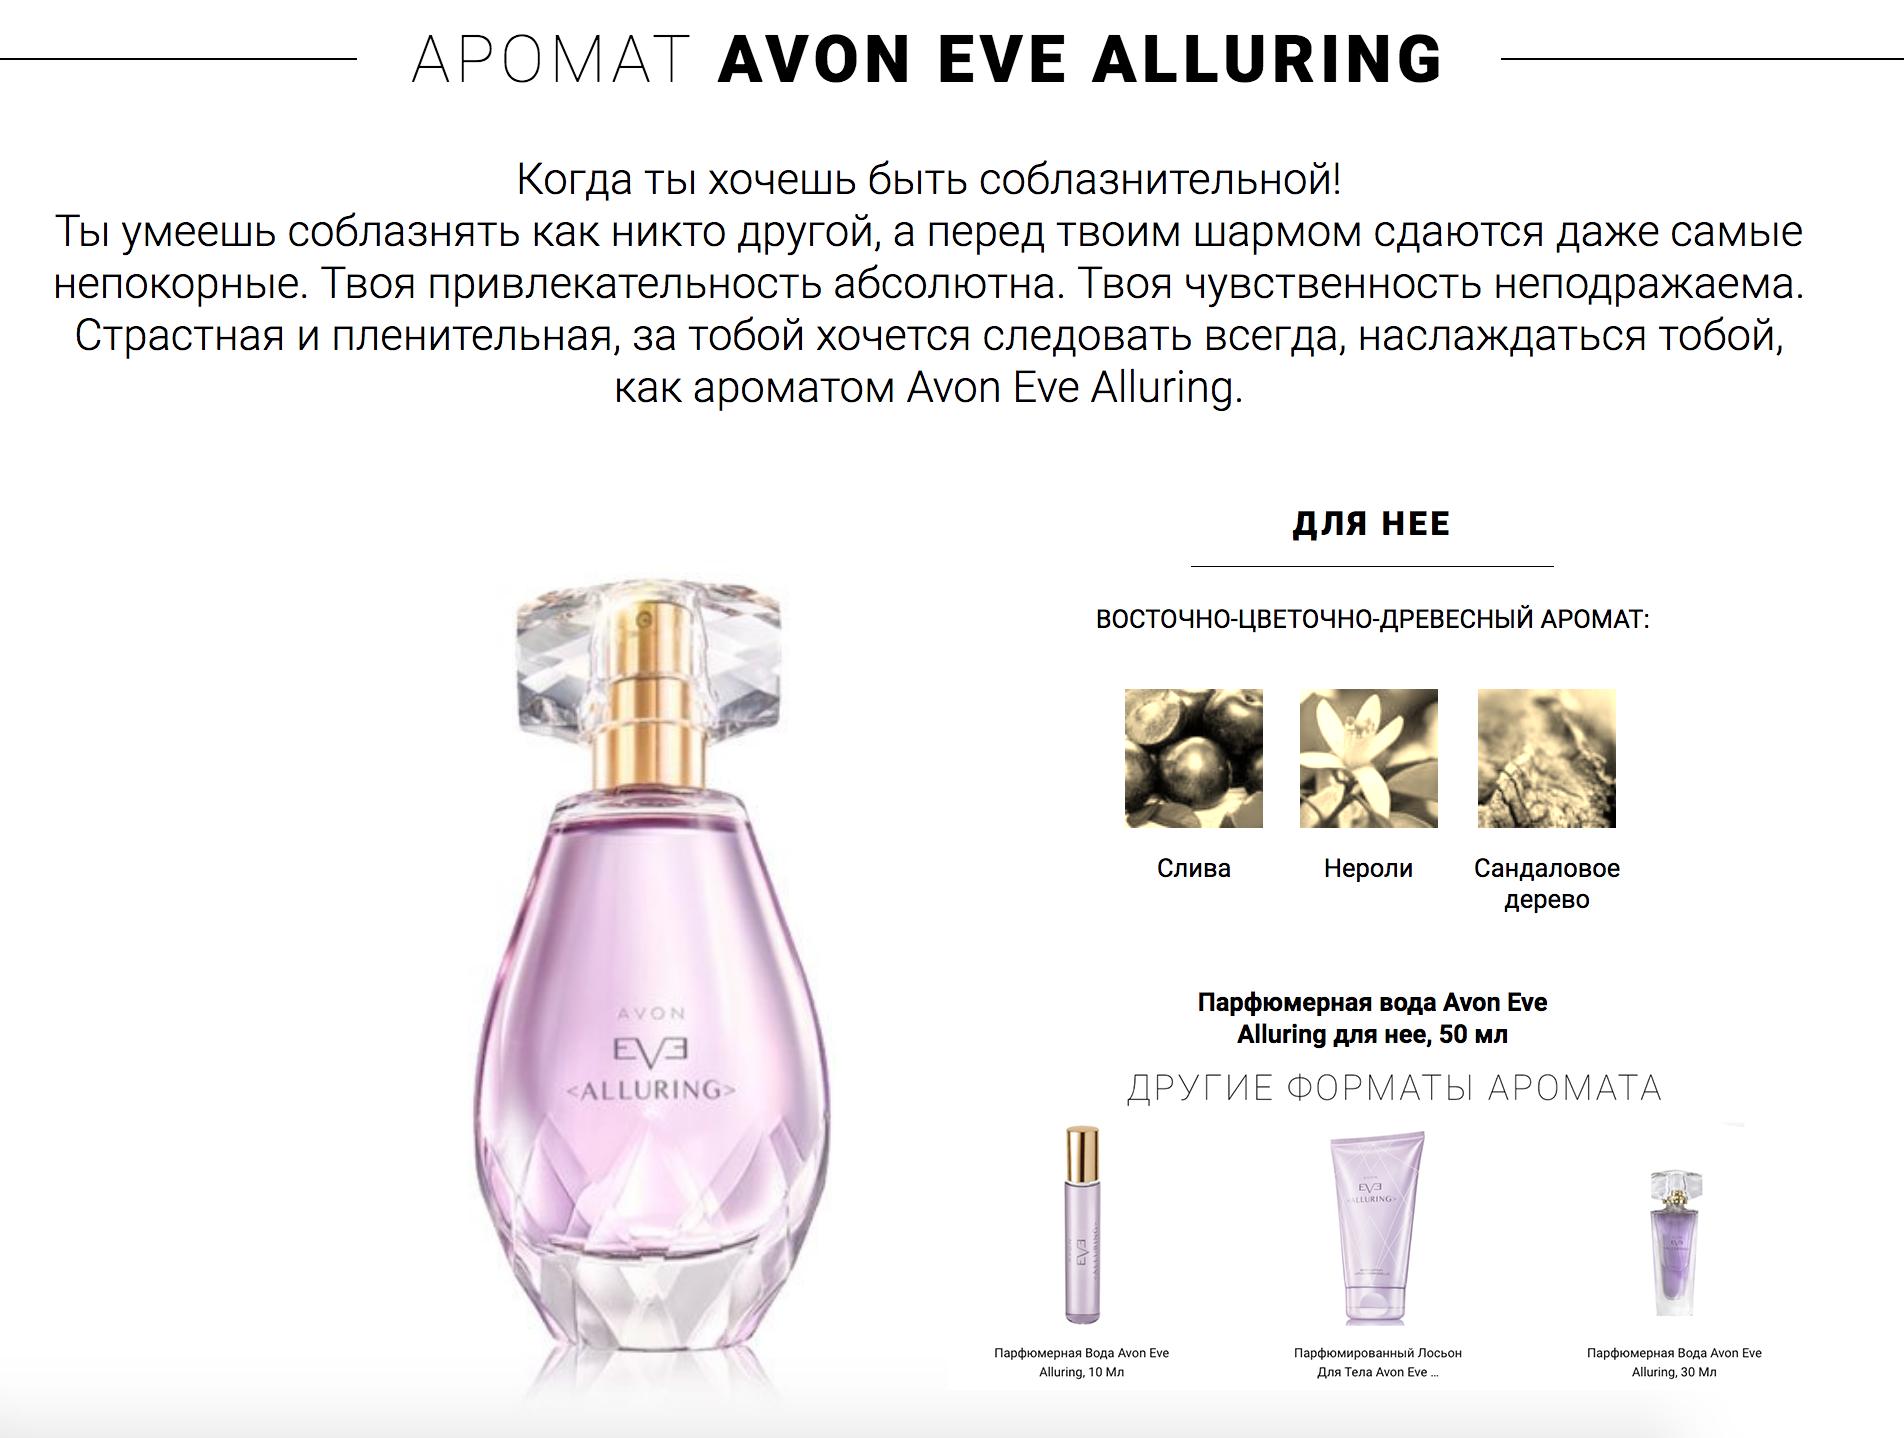 Avon eve alluring отзывы купить наборы профессиональной косметики